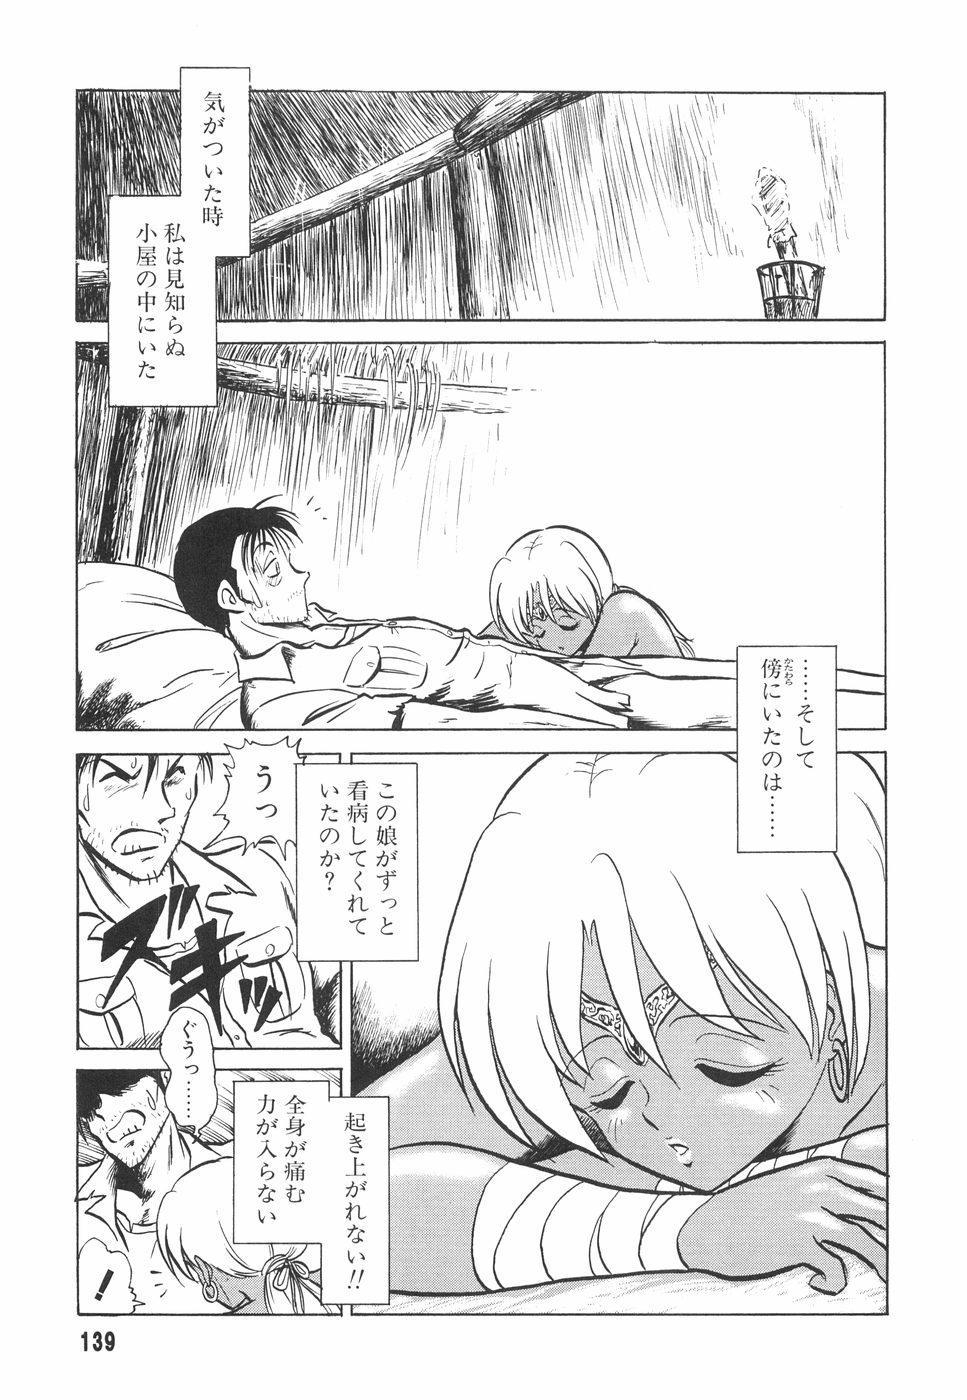 Hazukashime no Jikan 139